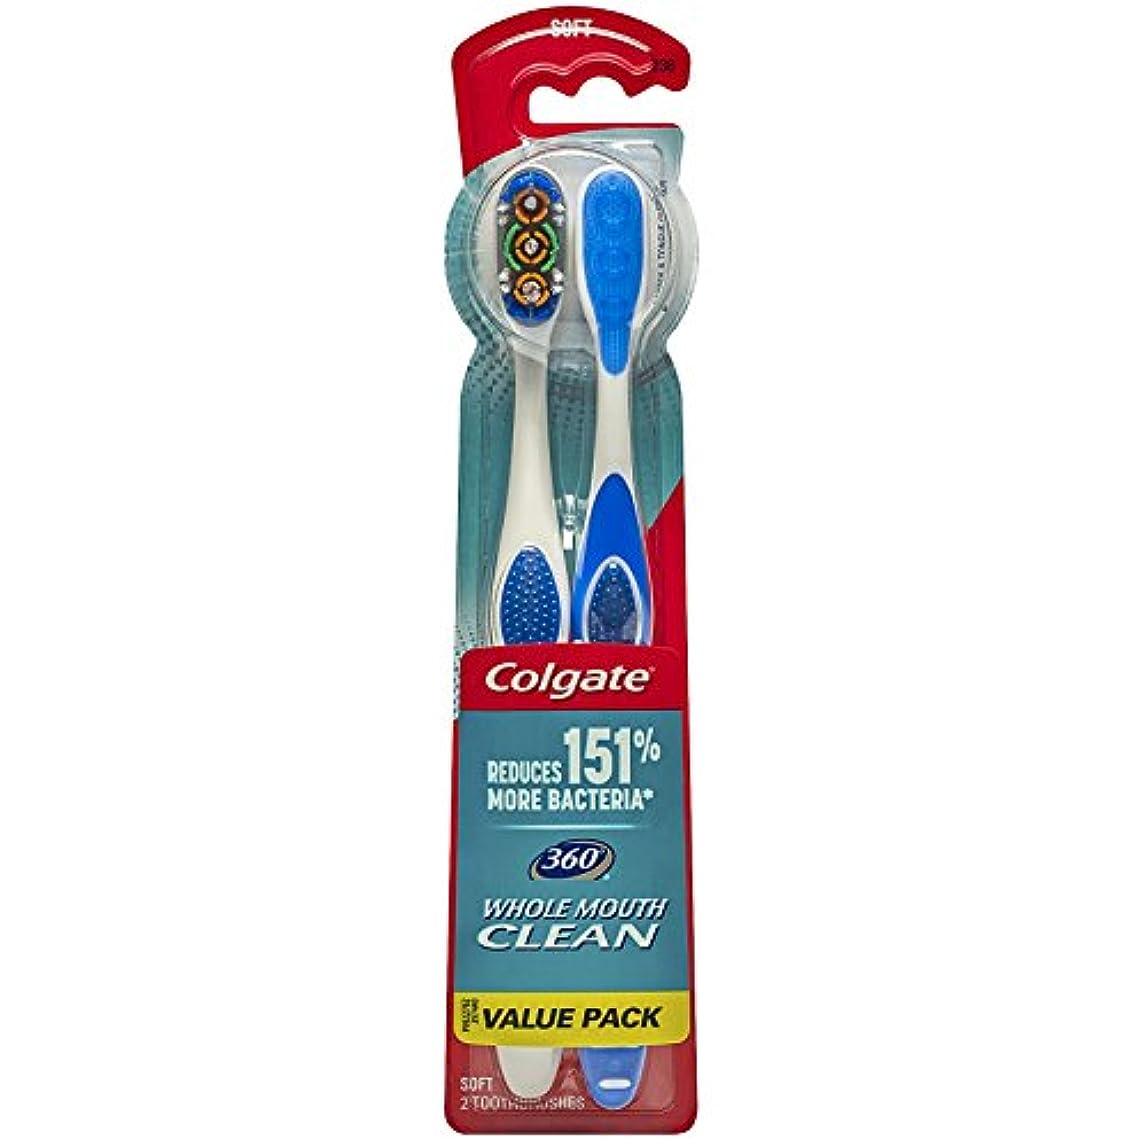 感覚繕う回るColgate 360大人の完全な頭部柔らかい歯ブラシ、ツインパック